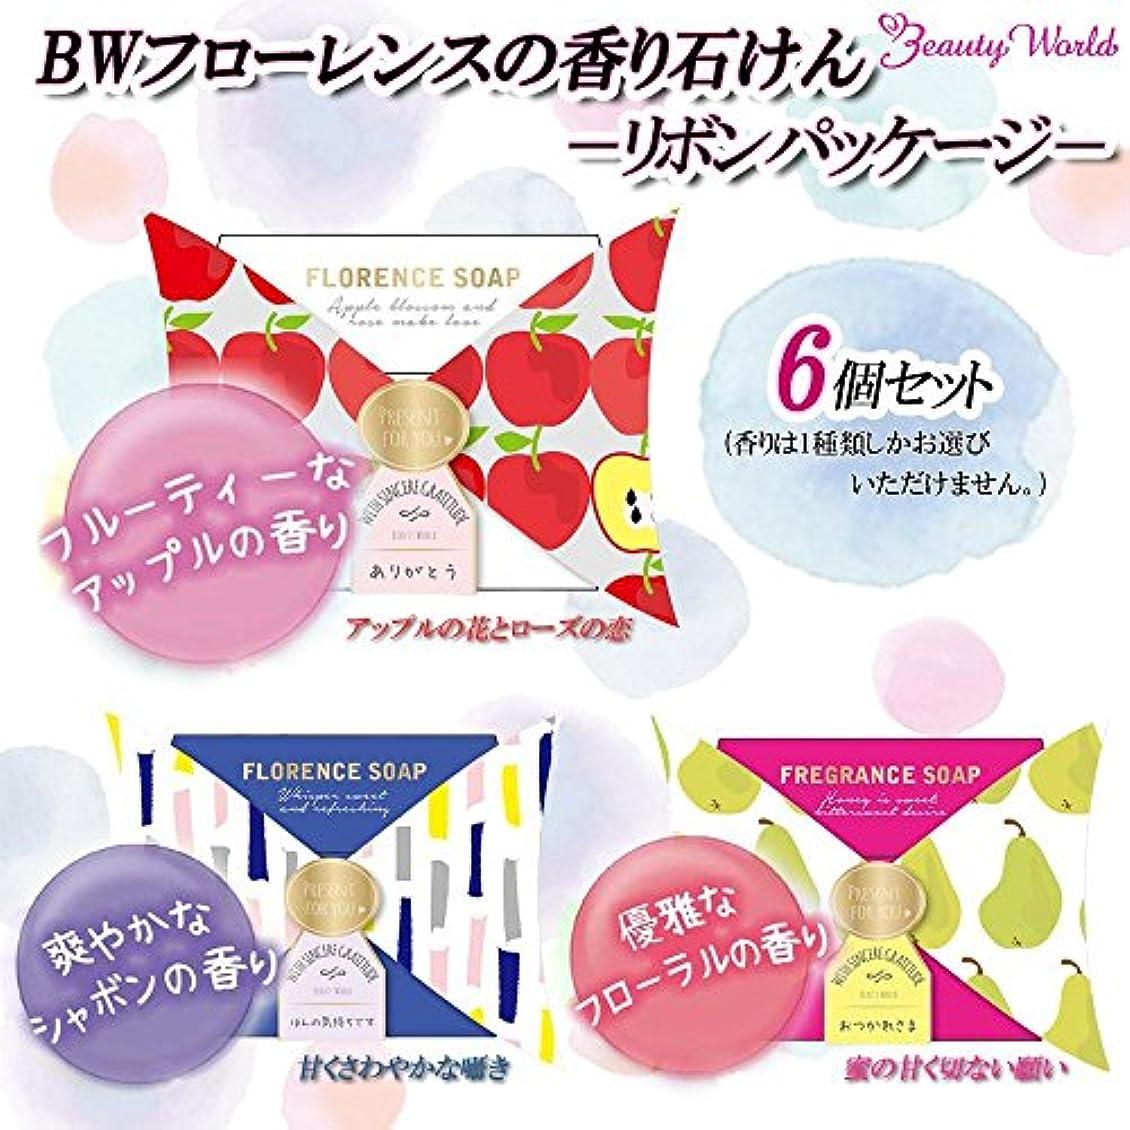 こっそり恥ずかしい植物のビューティーワールド BWフローレンスの香り石けん リボンパッケージ 6個セット ■3種類の内「FSP385?甘くさわやかな囁き」を1点のみです